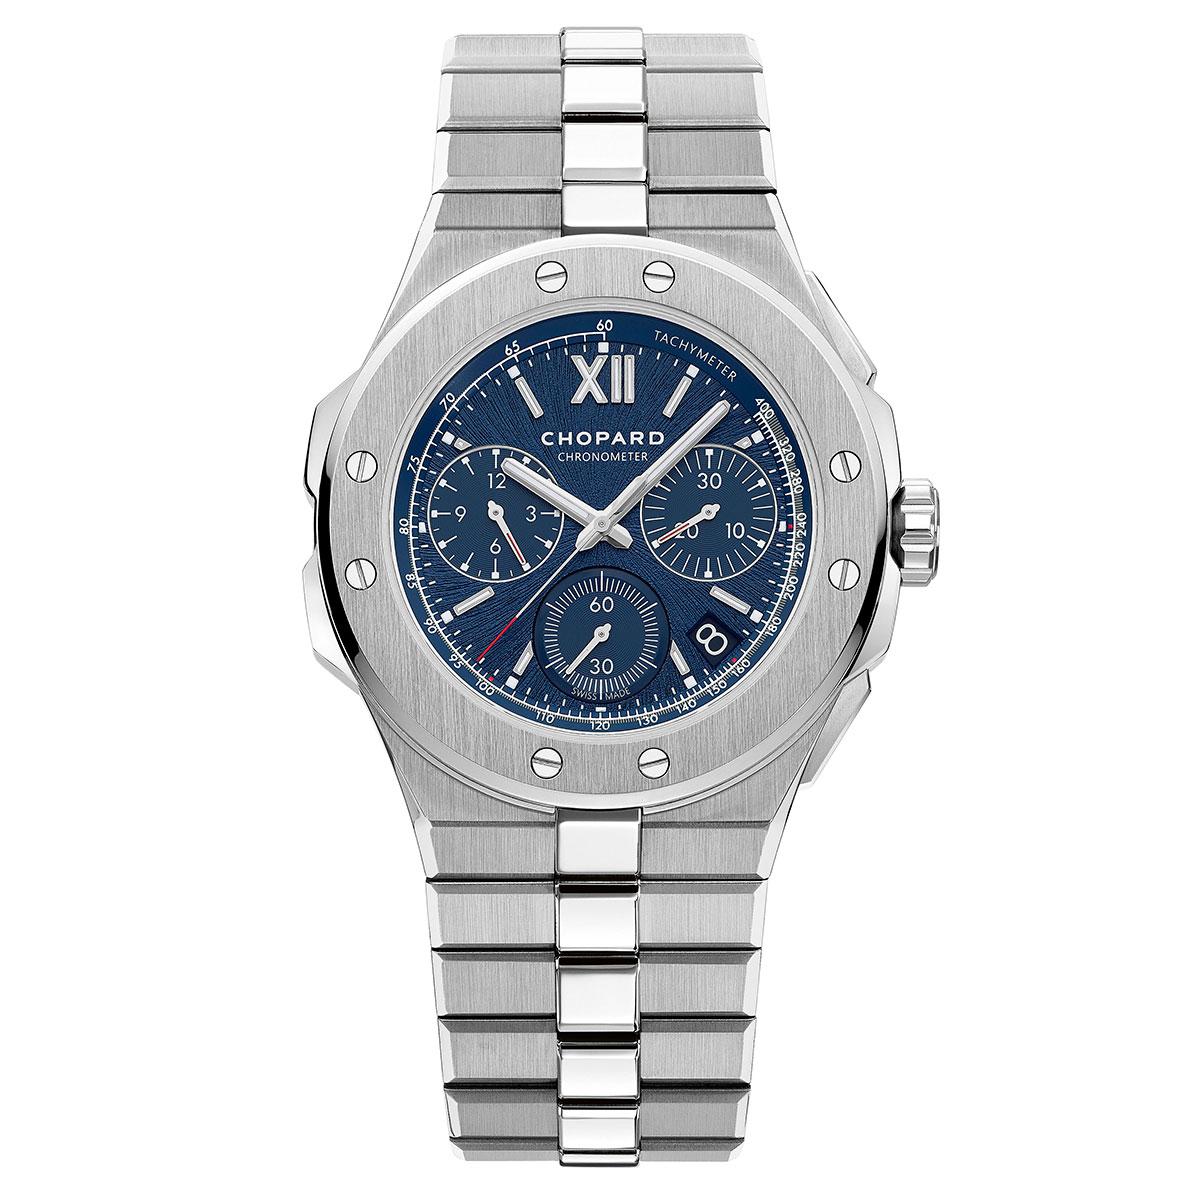 Chopard Alpine Eagle 44mm Watch